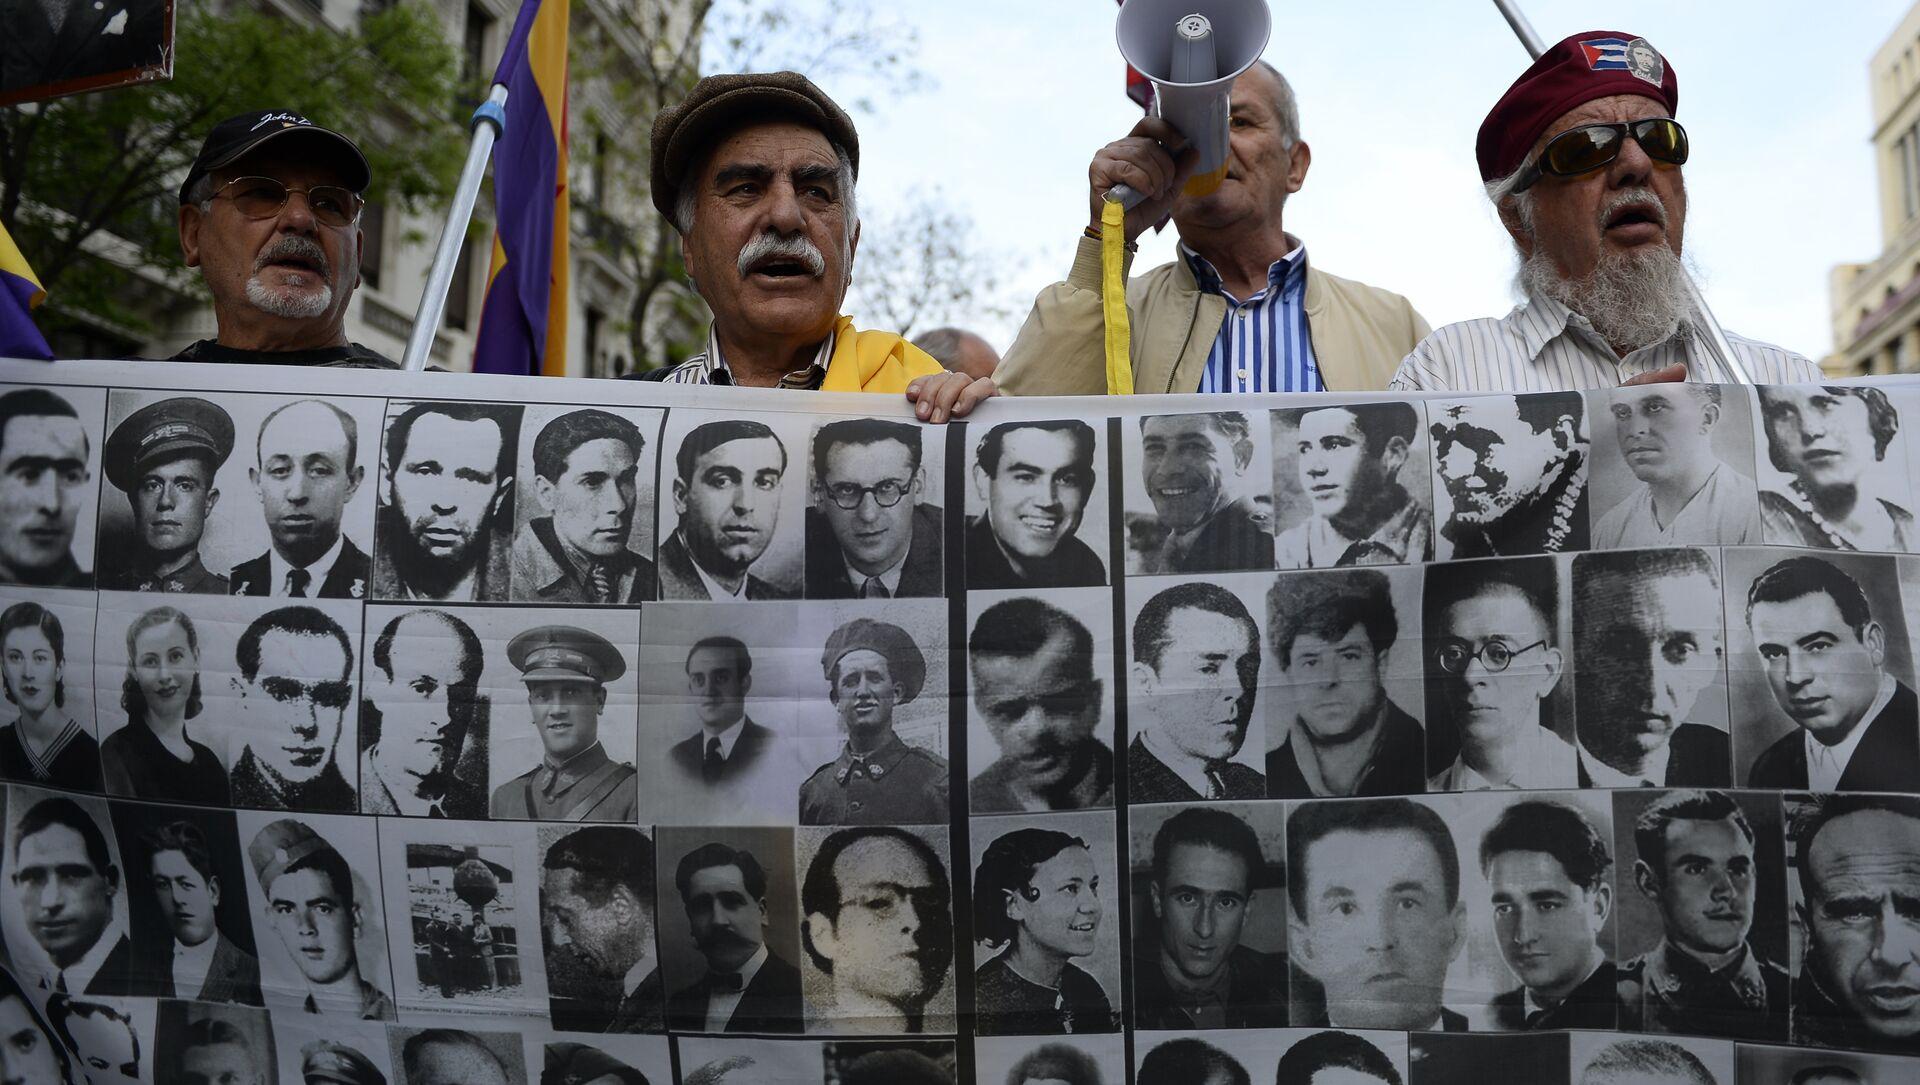 Los retratos de las víctimas del franquismo (archivo) - Sputnik Mundo, 1920, 16.09.2020